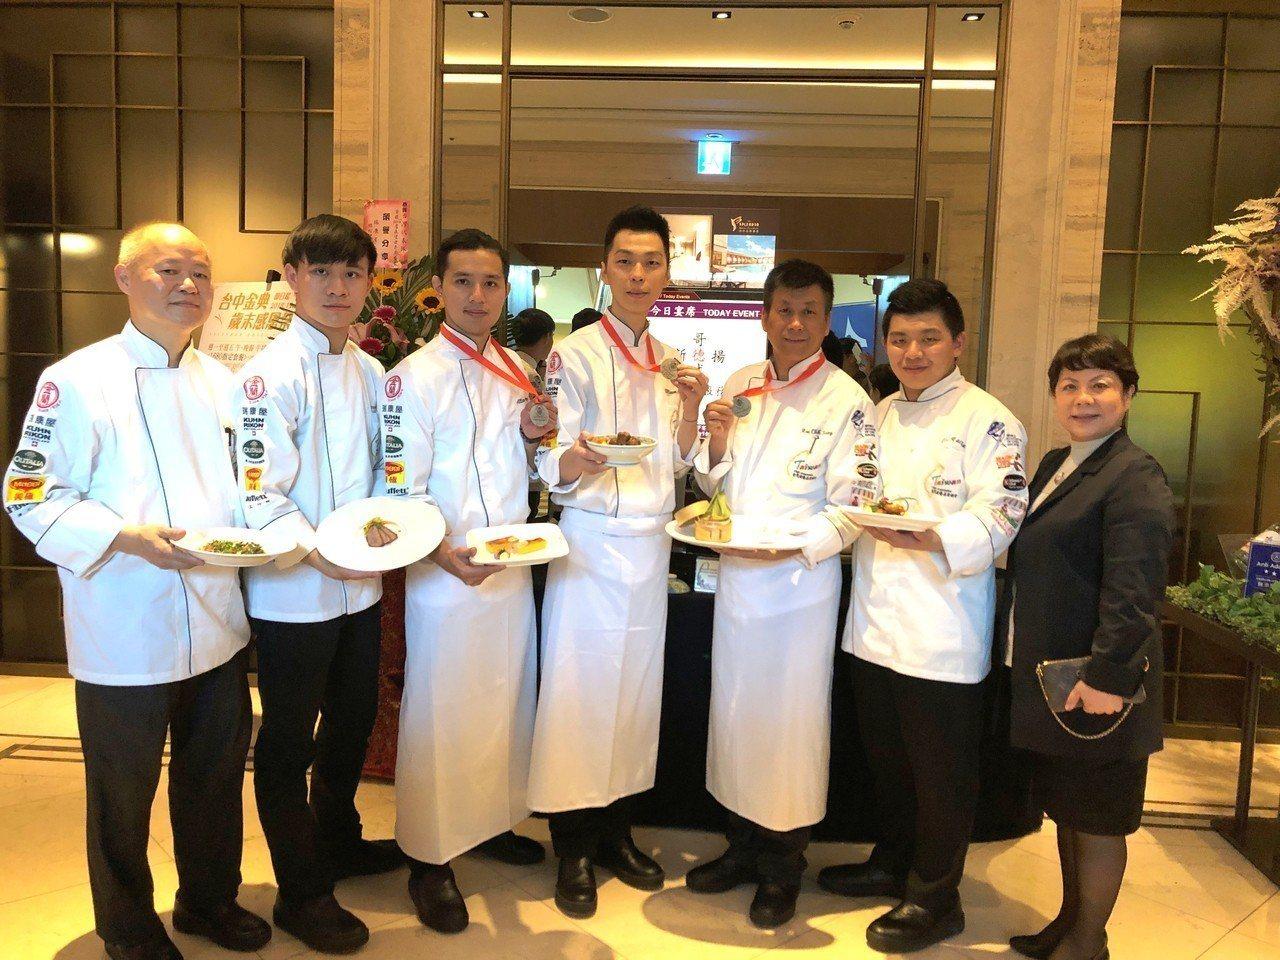 由張志騰教練所領軍的台灣代表隊,在2018盧森堡世界盃國際廚藝競賽「團膳」項目中...